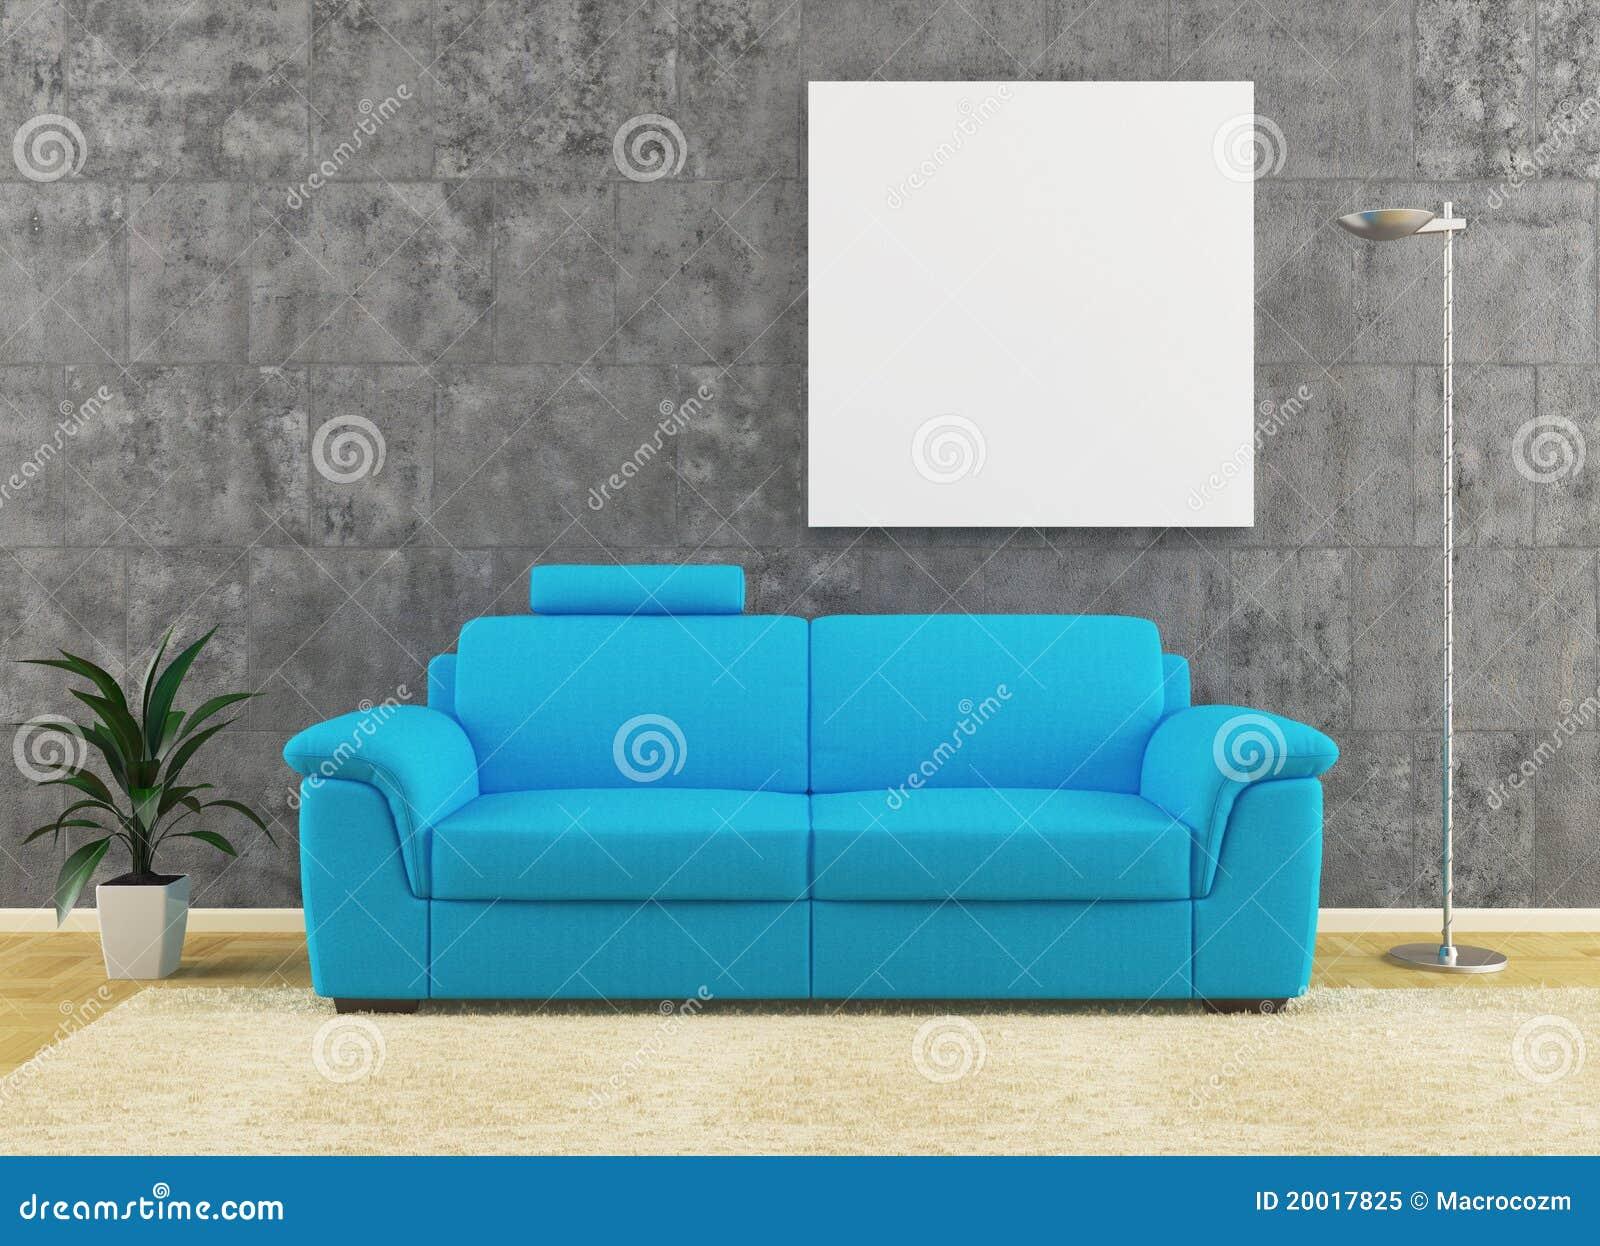 Muur Ontwerp : ... vrije Stock Foto: Moderne blauwe bank op vuil muur ...